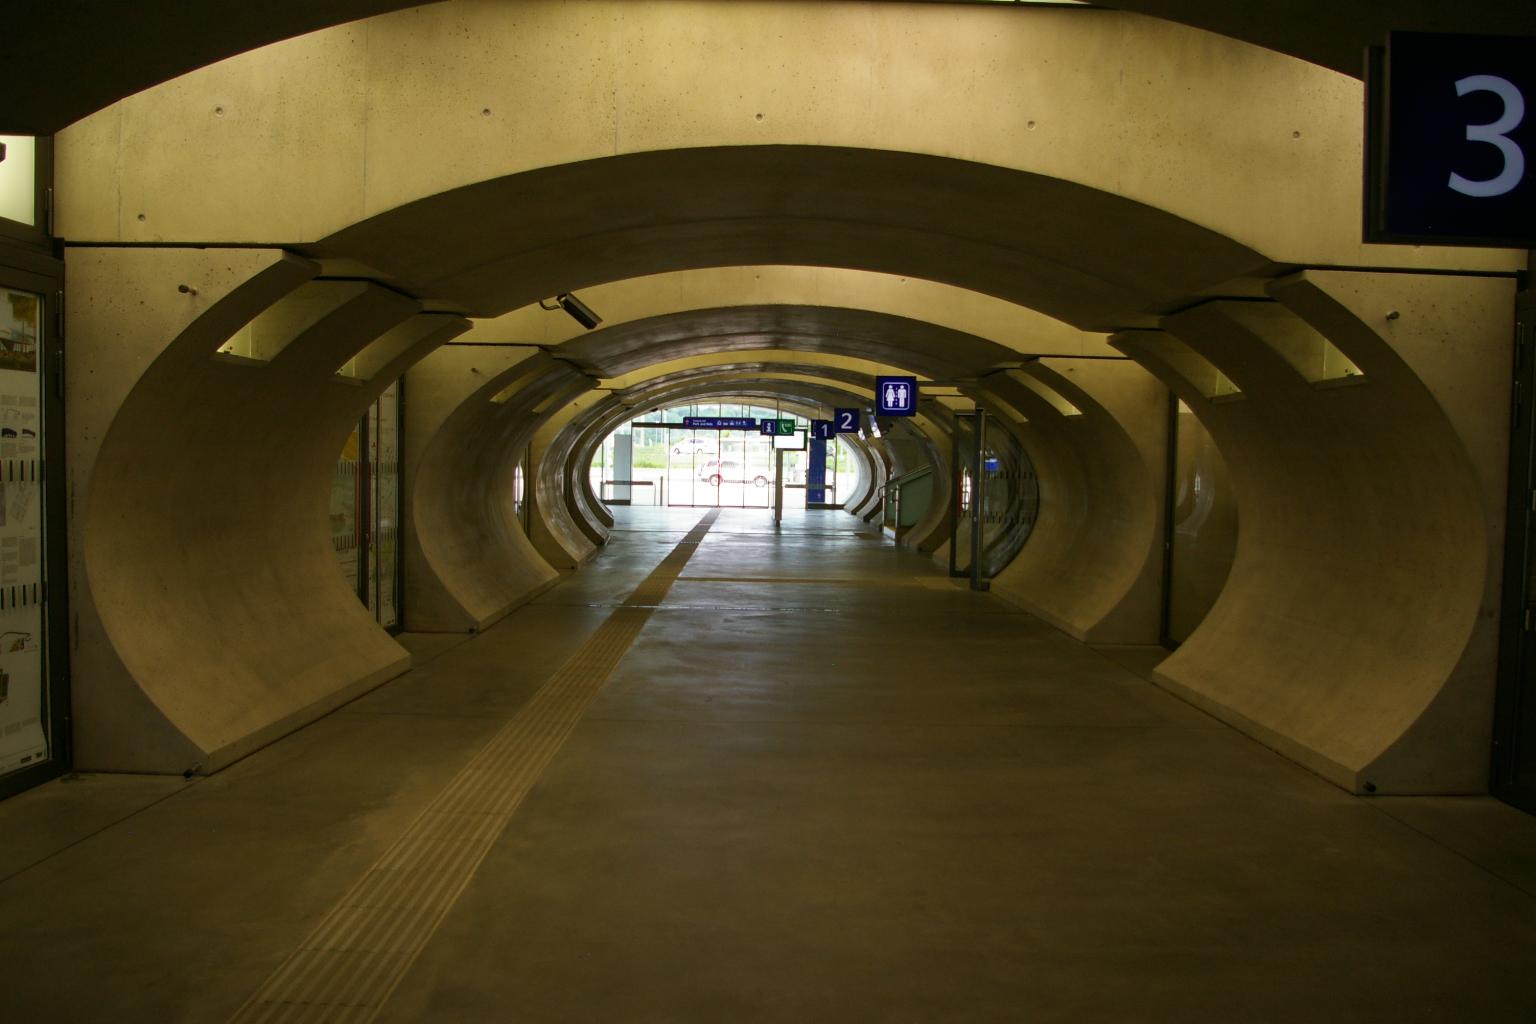 Einfach ein Betonklotz Bahnhof ohne irgendwas.